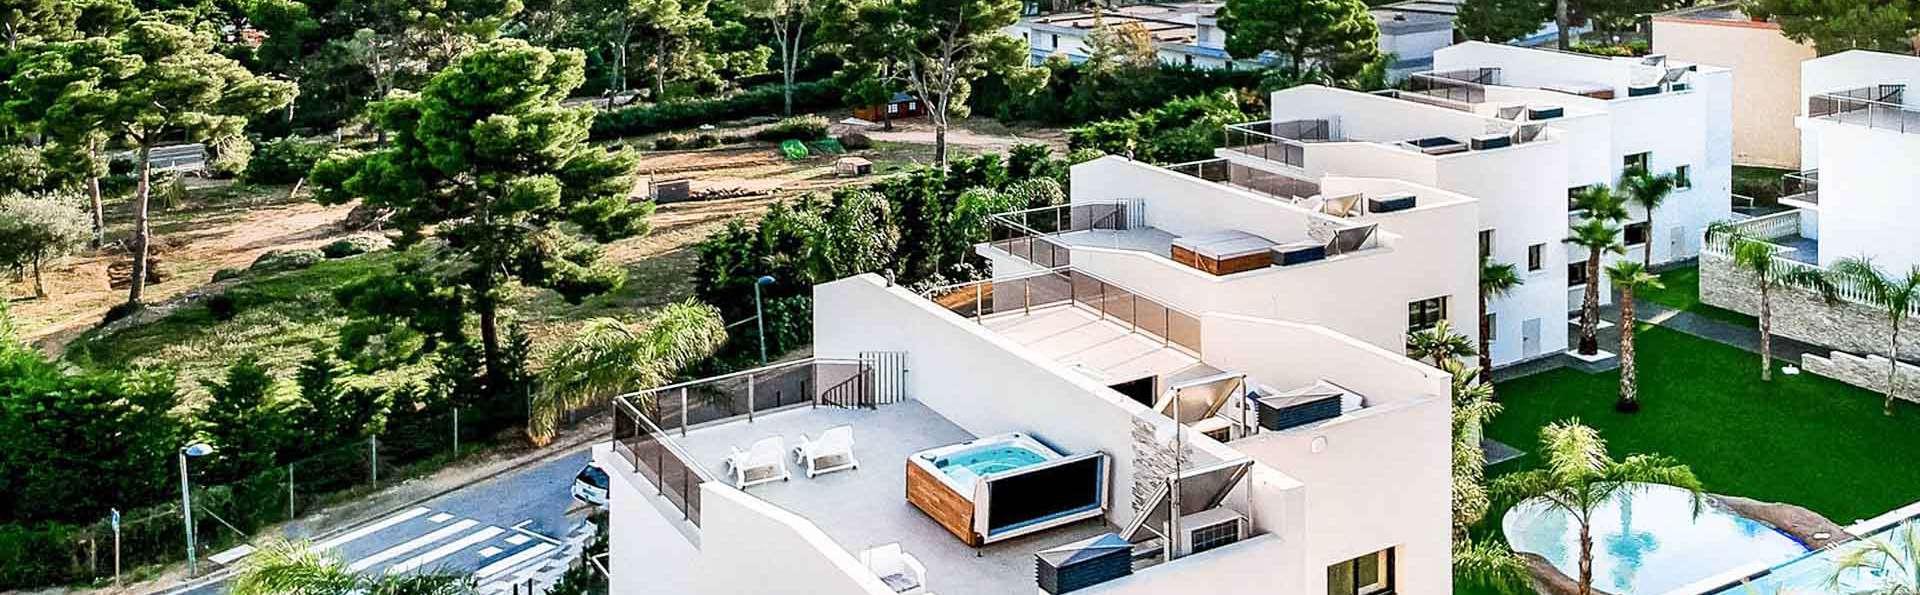 Escapade romantique dans une villa de luxe avec cadeaux VIP et jacuzzi privé à Platja d'Aro